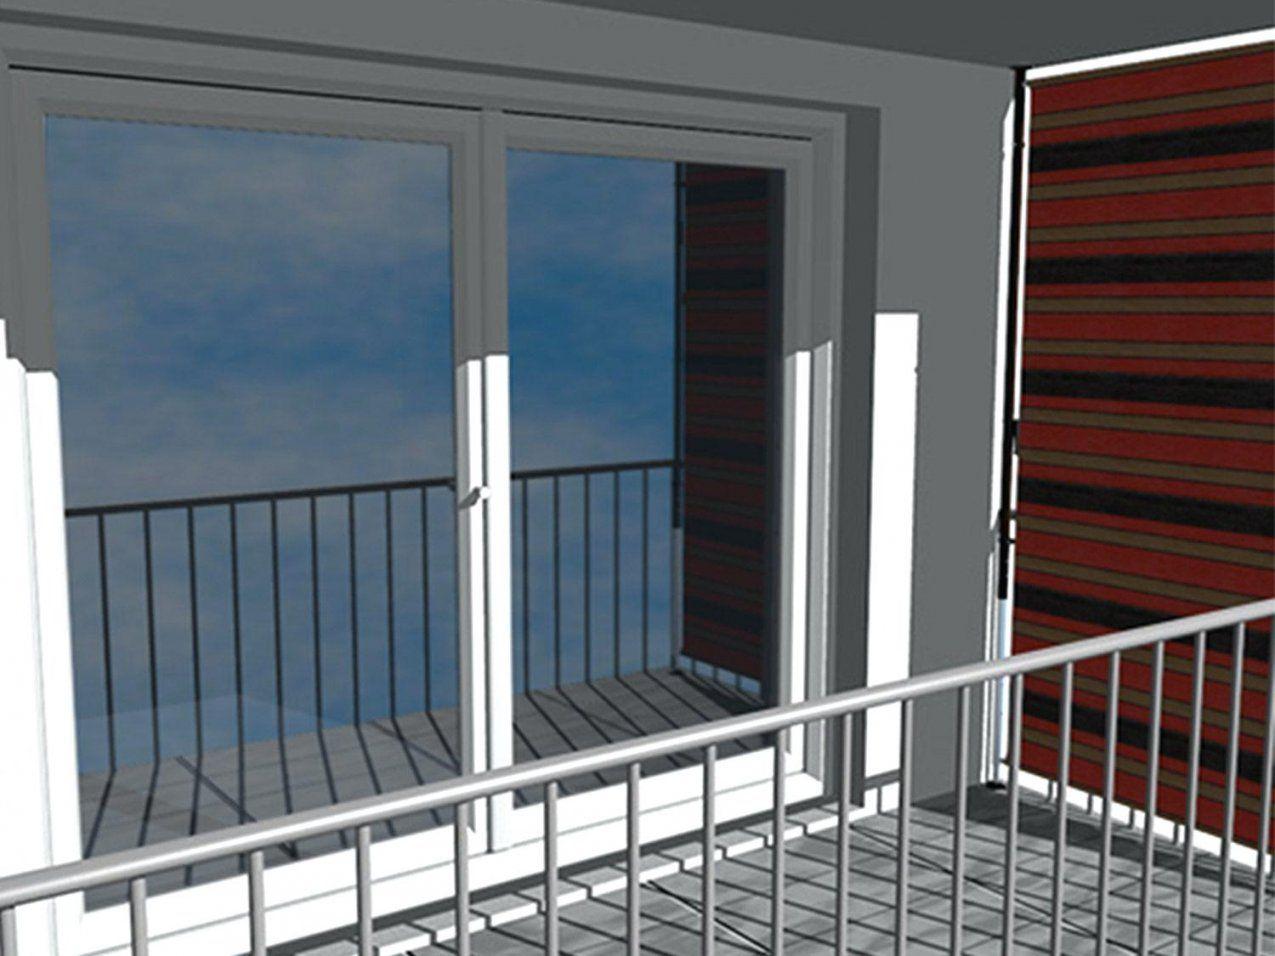 Seiten Sichtschutz Balkon Angerer Design Nr Lidl Deutschland Ideen von Sichtschutz Balkon Ohne Bohren Photo